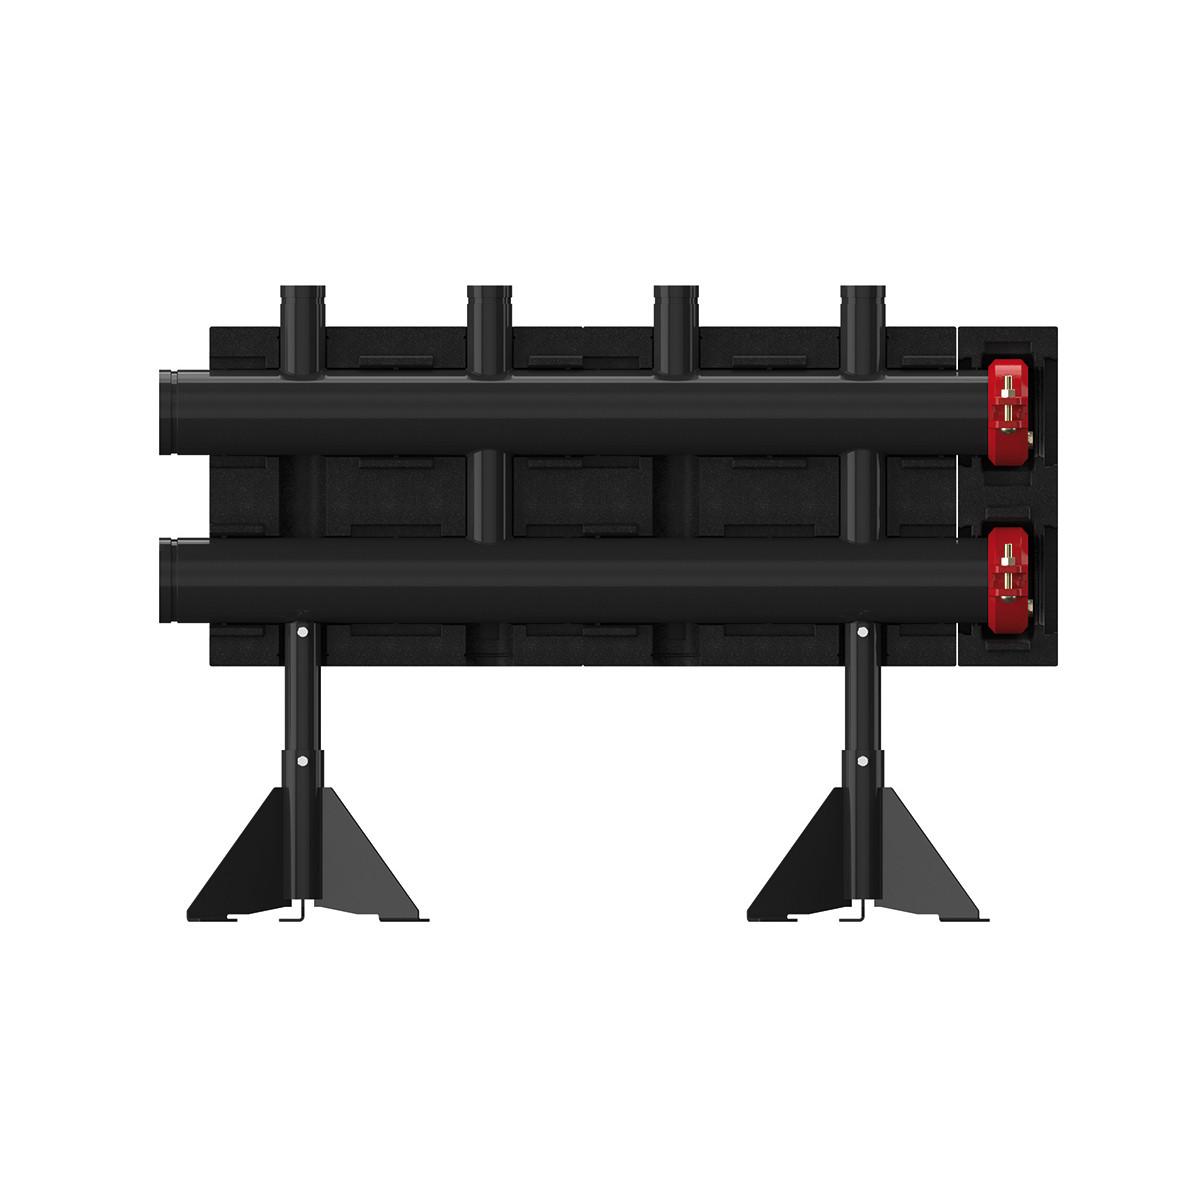 Напольные распределители (коллектор) на 2 контура - Meibes  MeiFlow L MF -280 кВт